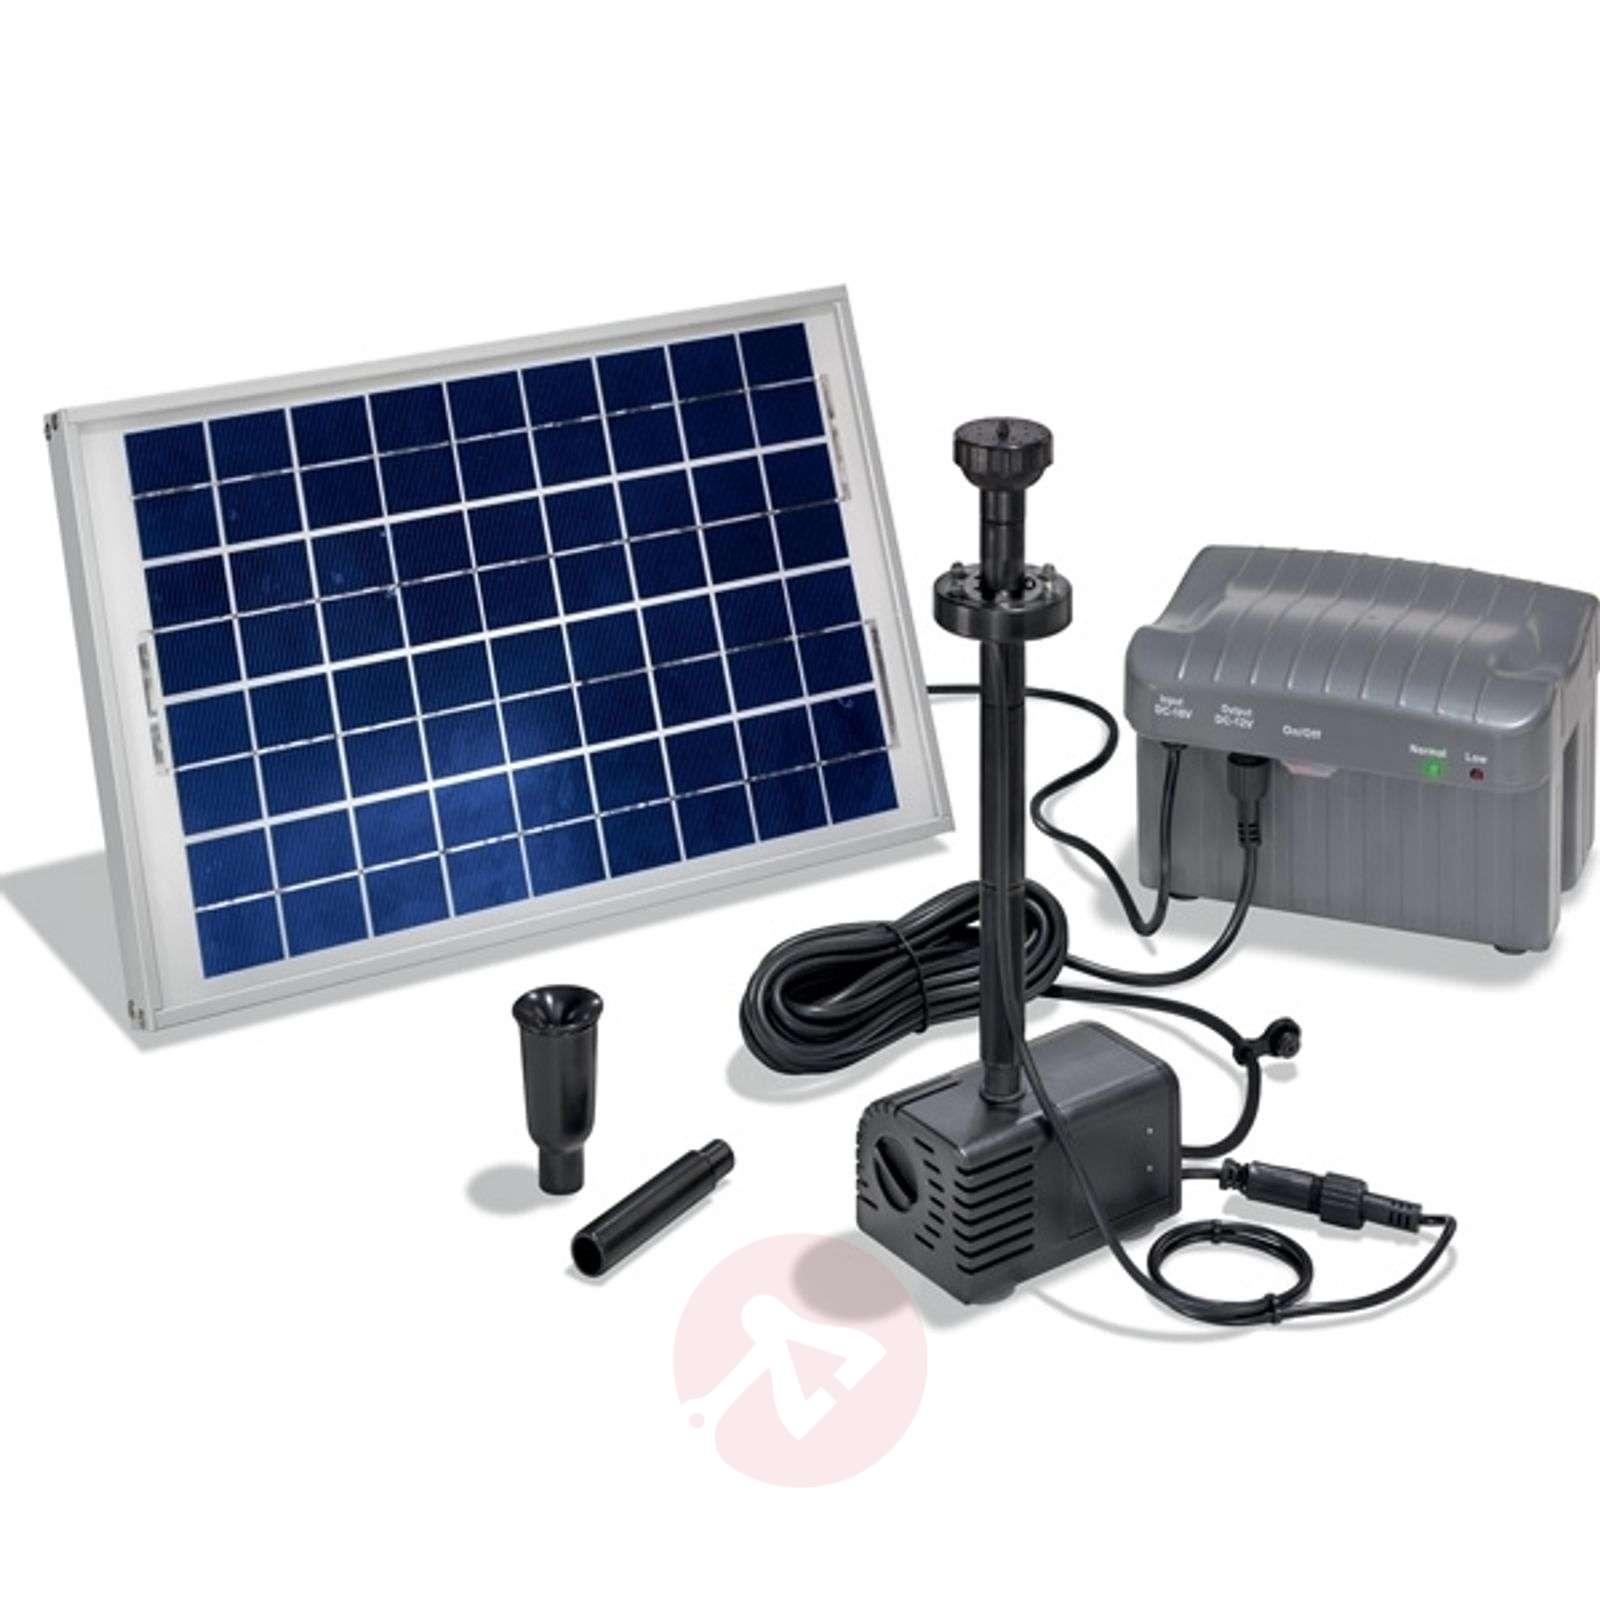 Napoli-suihkulähdepumppu aurinkokennolla, LED-3012105-01